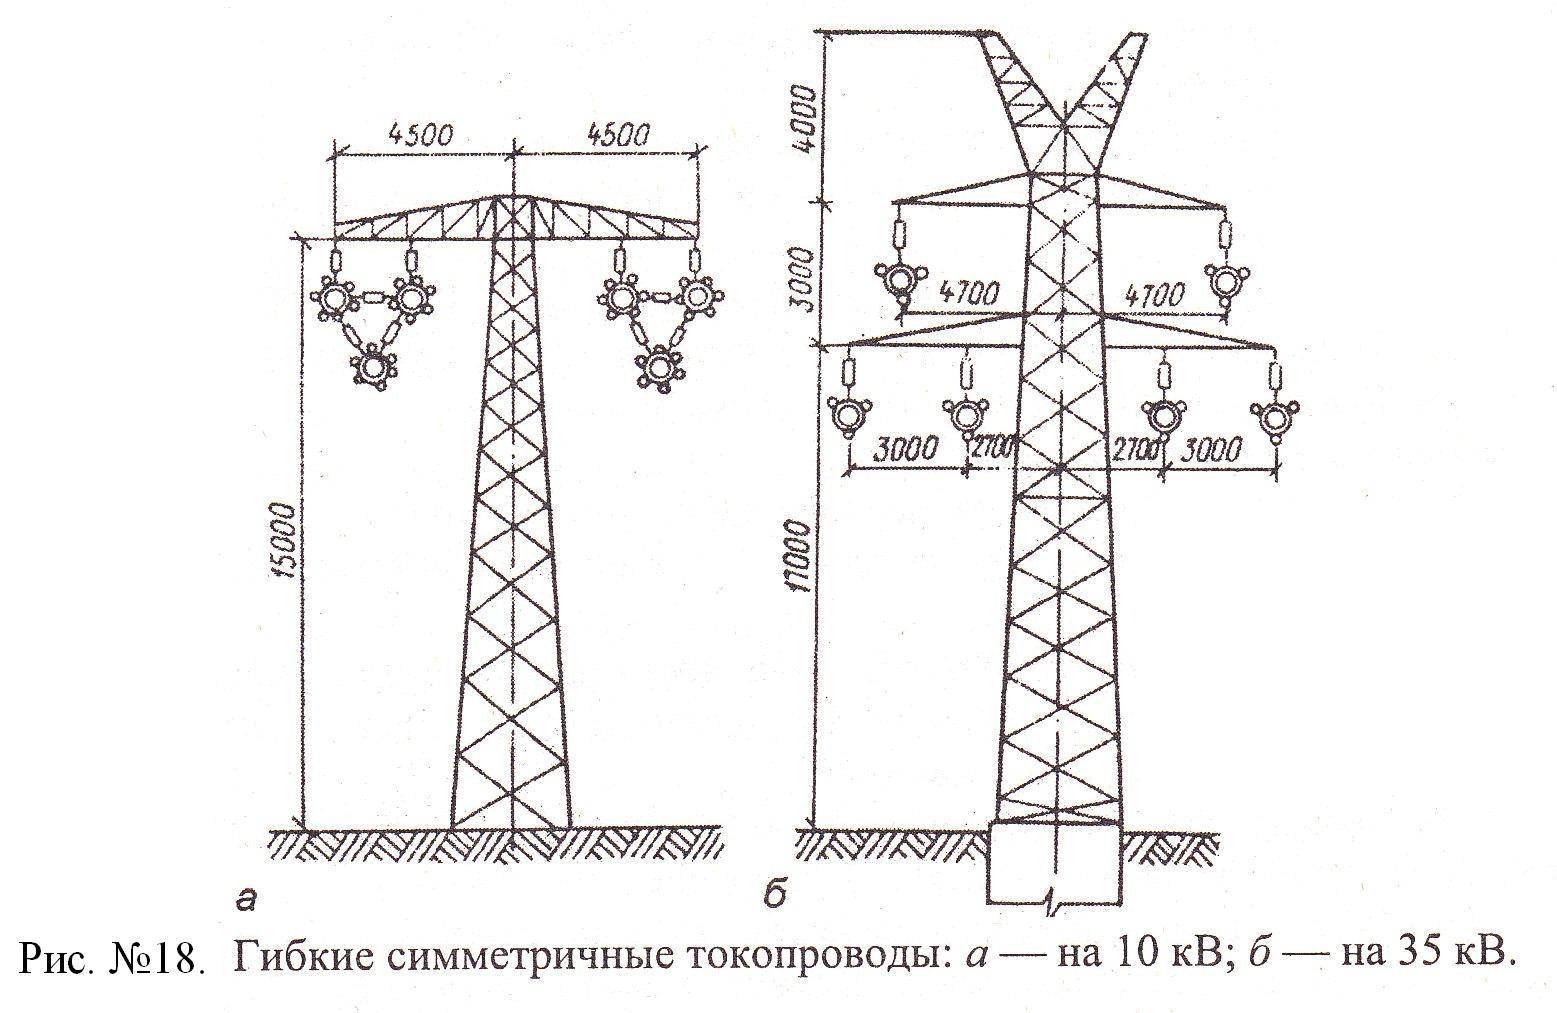 схема крепления кабеля к опоре